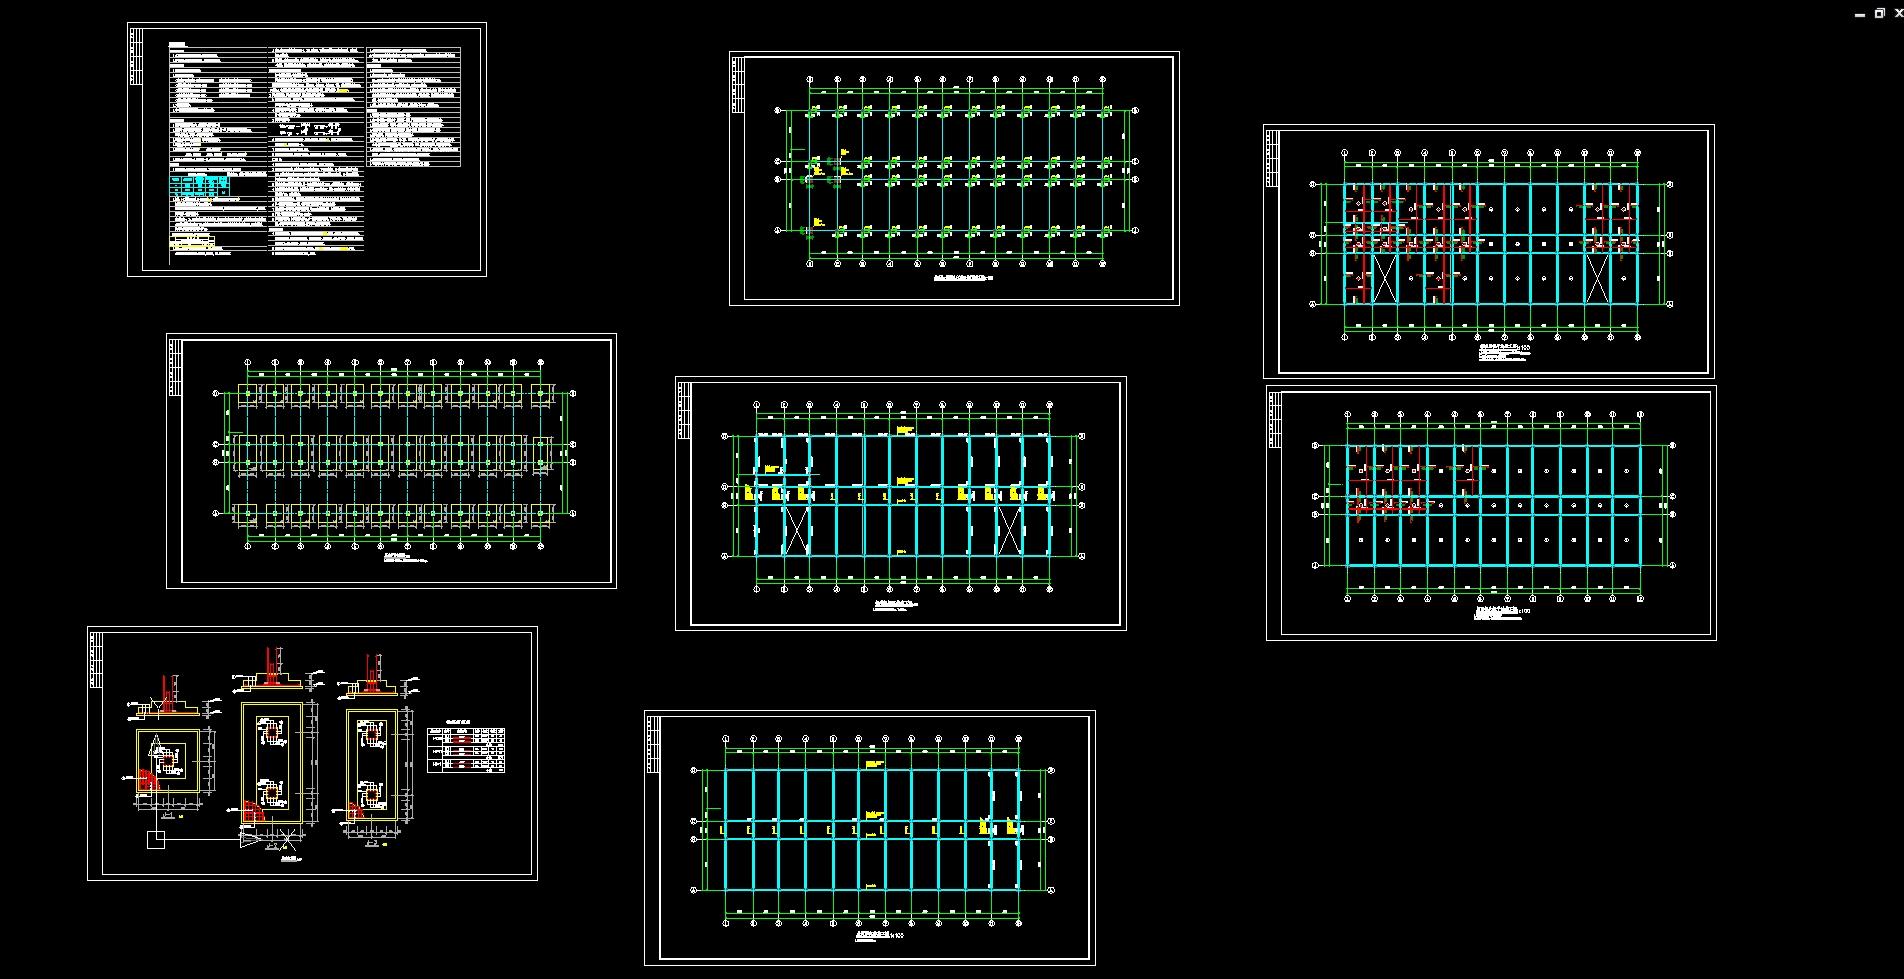 三层2943平米教学楼框架结构设计(建筑图,结构图)